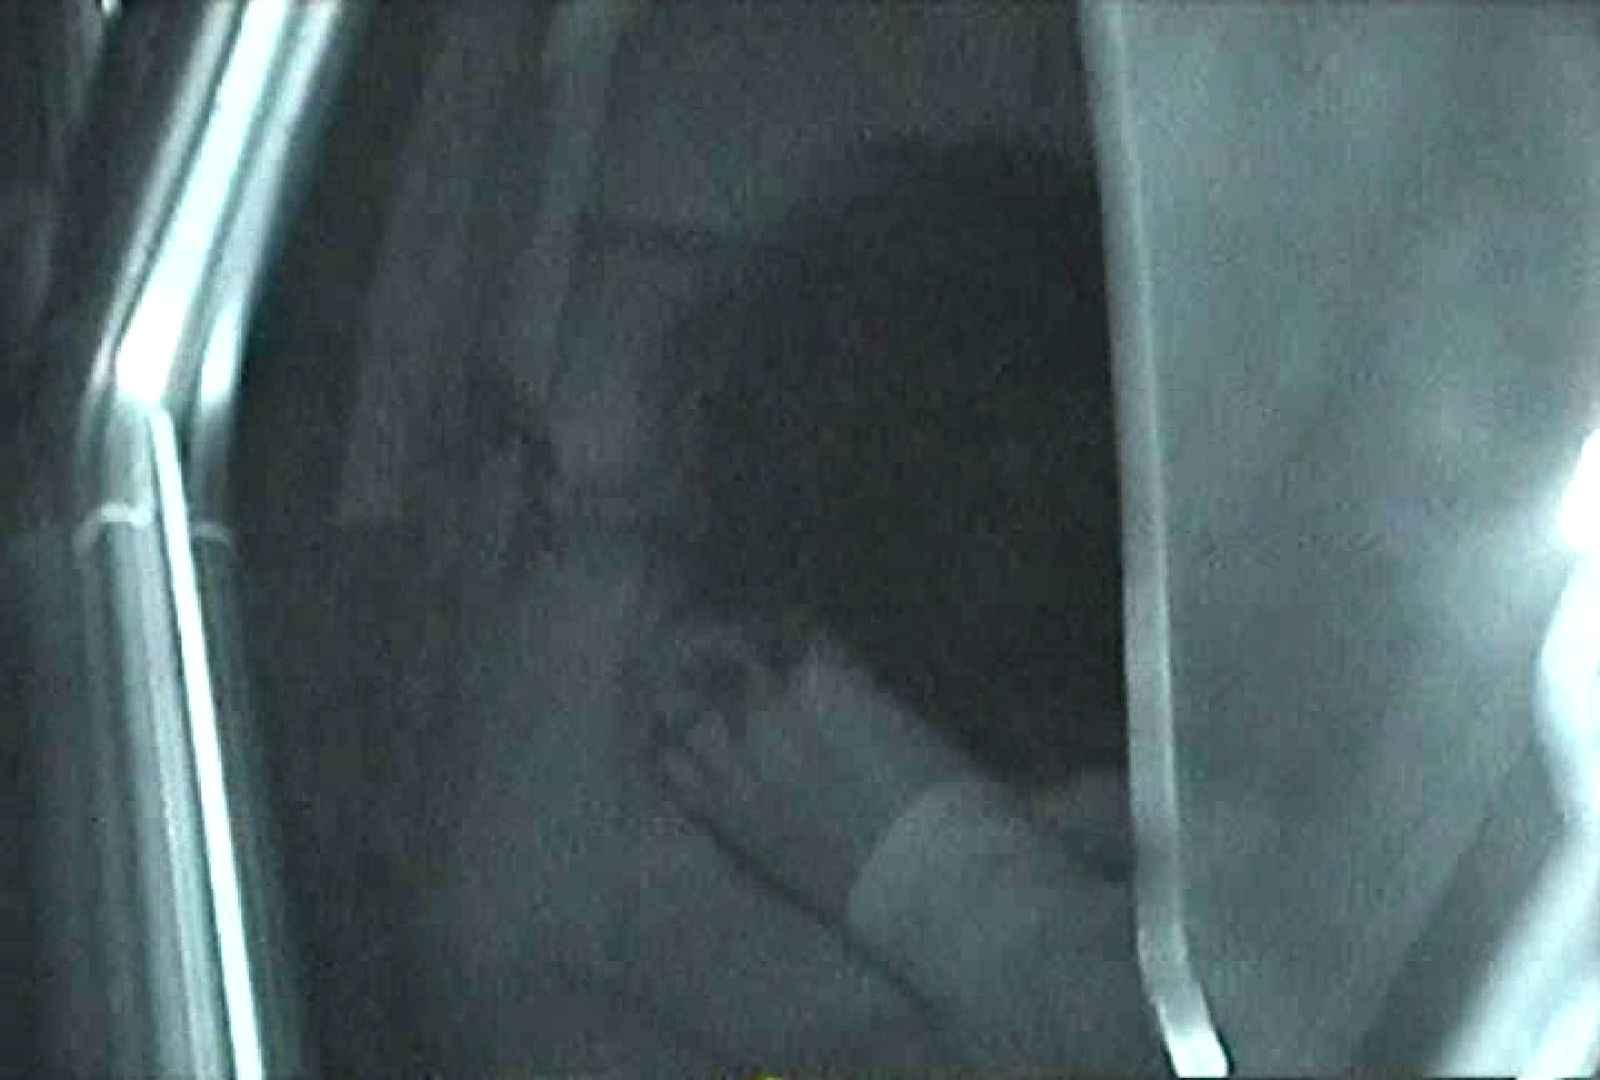 充血監督の深夜の運動会Vol.90 エロティックなOL おめこ無修正動画無料 107画像 27